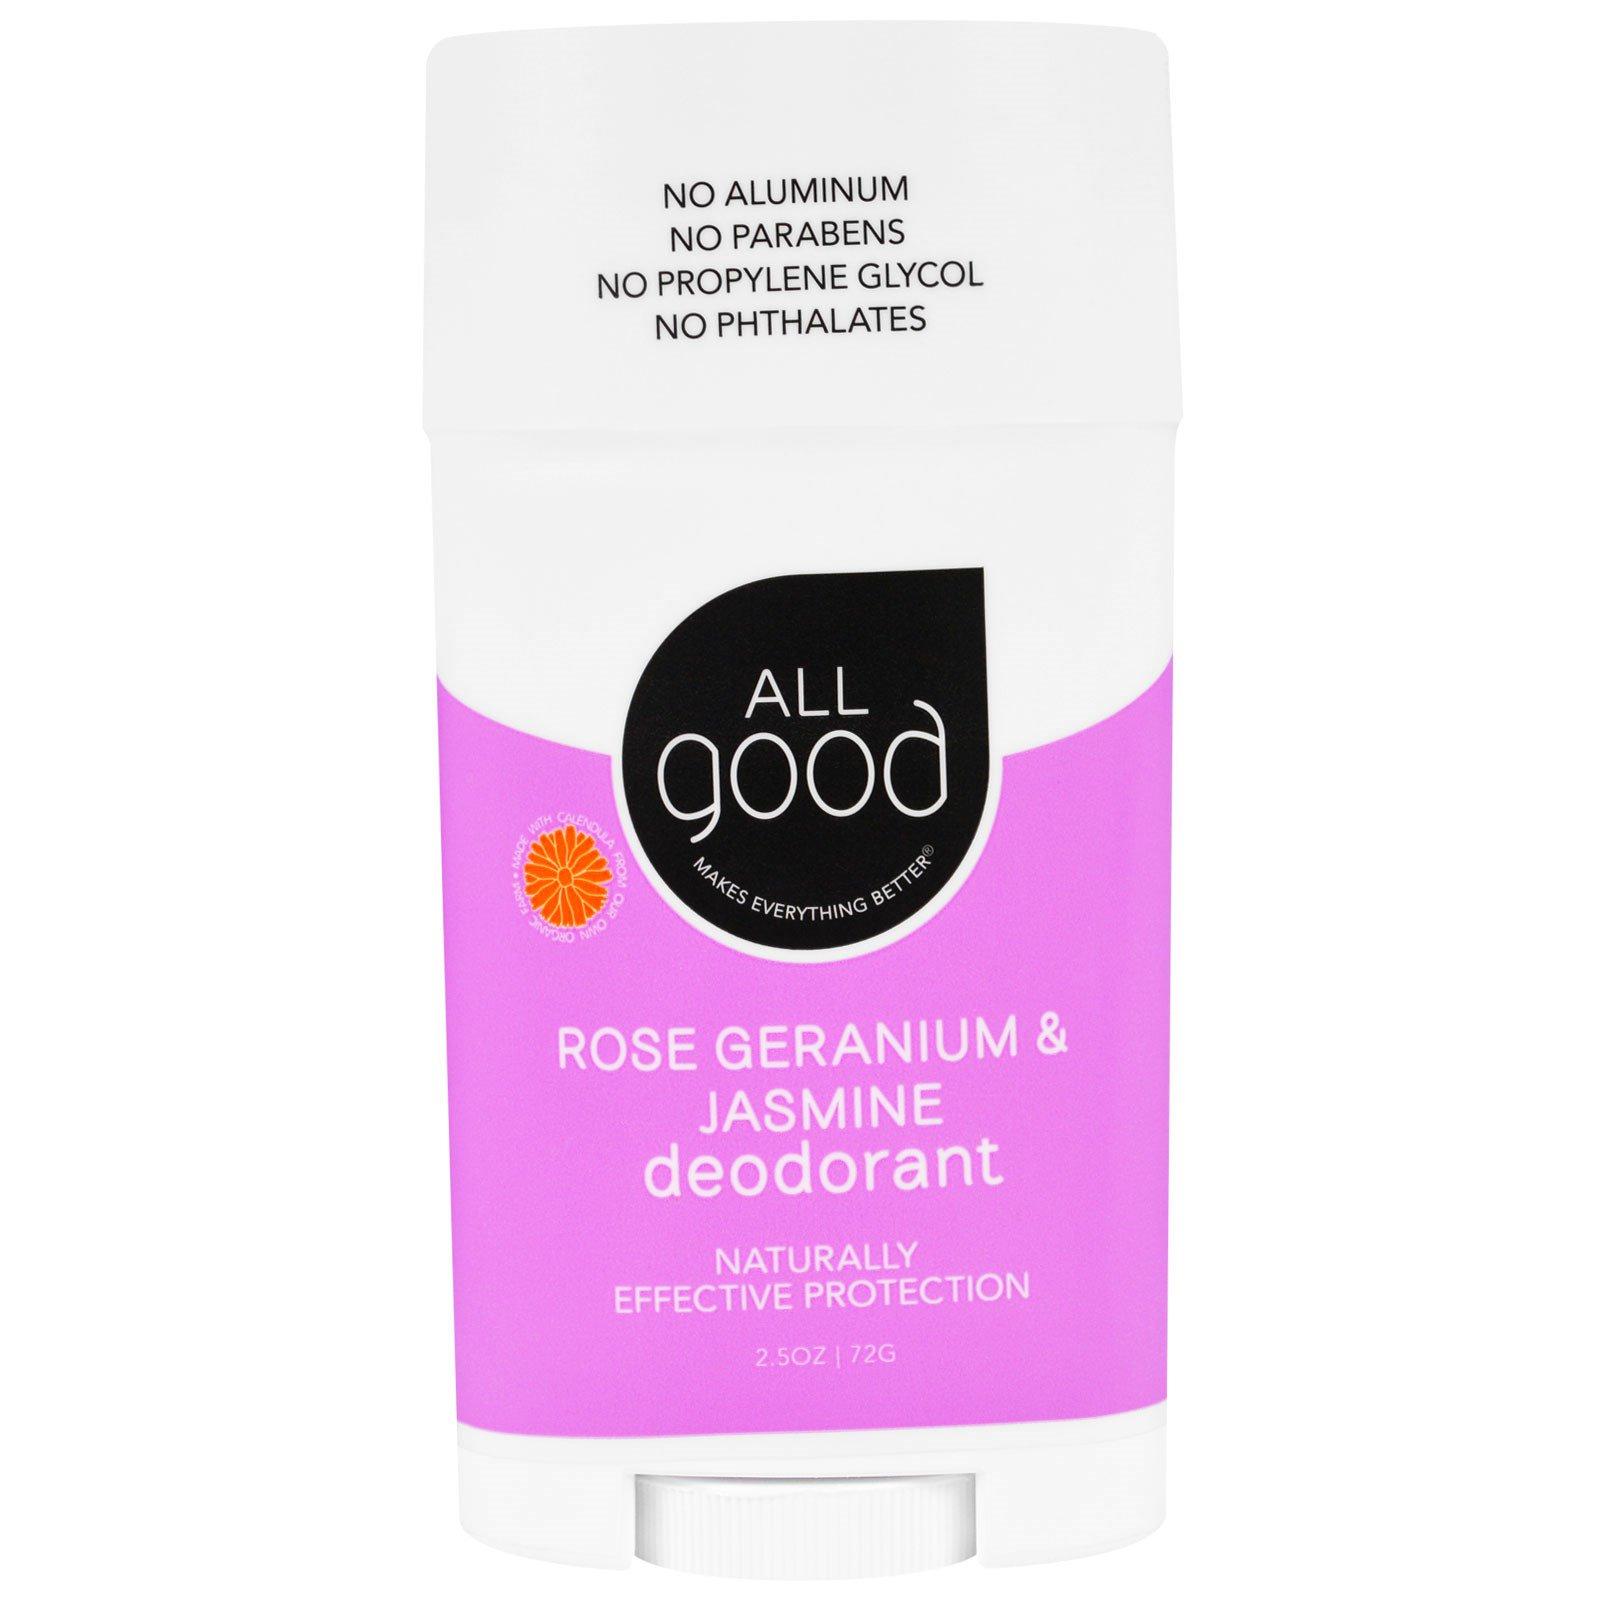 """All Good Products, """"Все хорошее"""", дезодорант, розовая герань и жасмин, 2,5 унции (72 г)"""